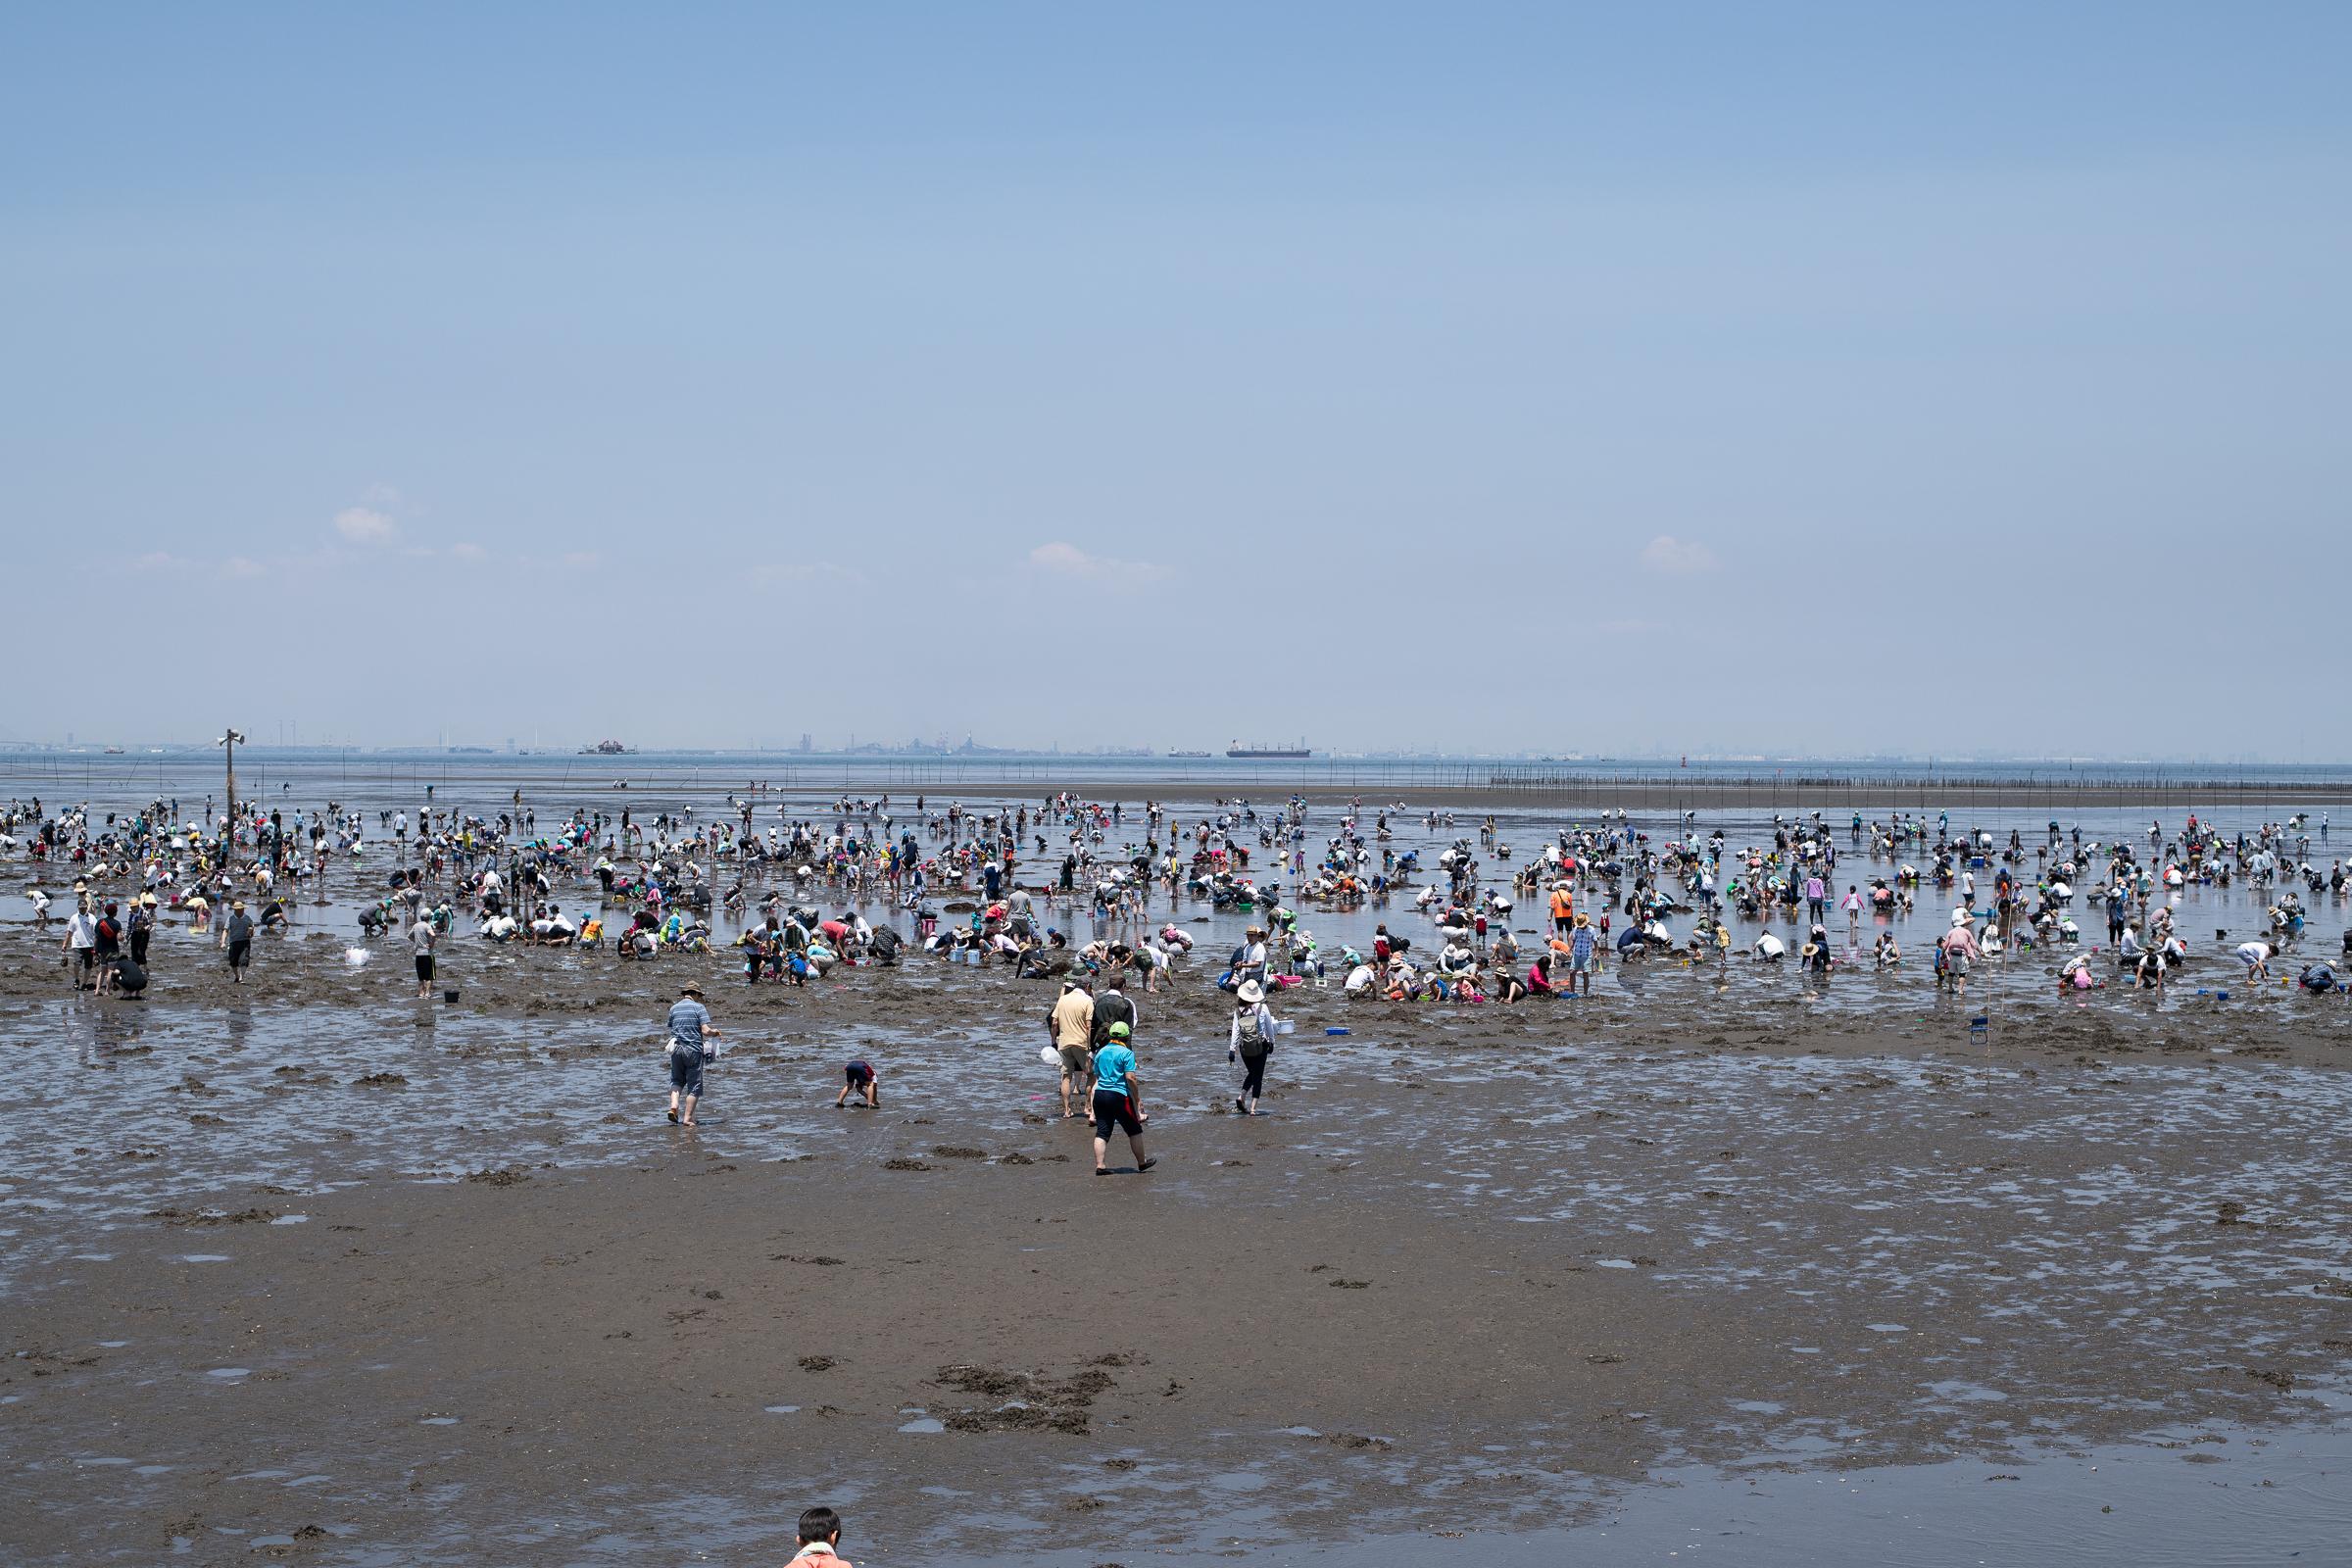 훗쯔해안의 조개캐기 체험장. 수천명의 가족 단위 관광객들이 조개를 캐는 모습이 장관이다.